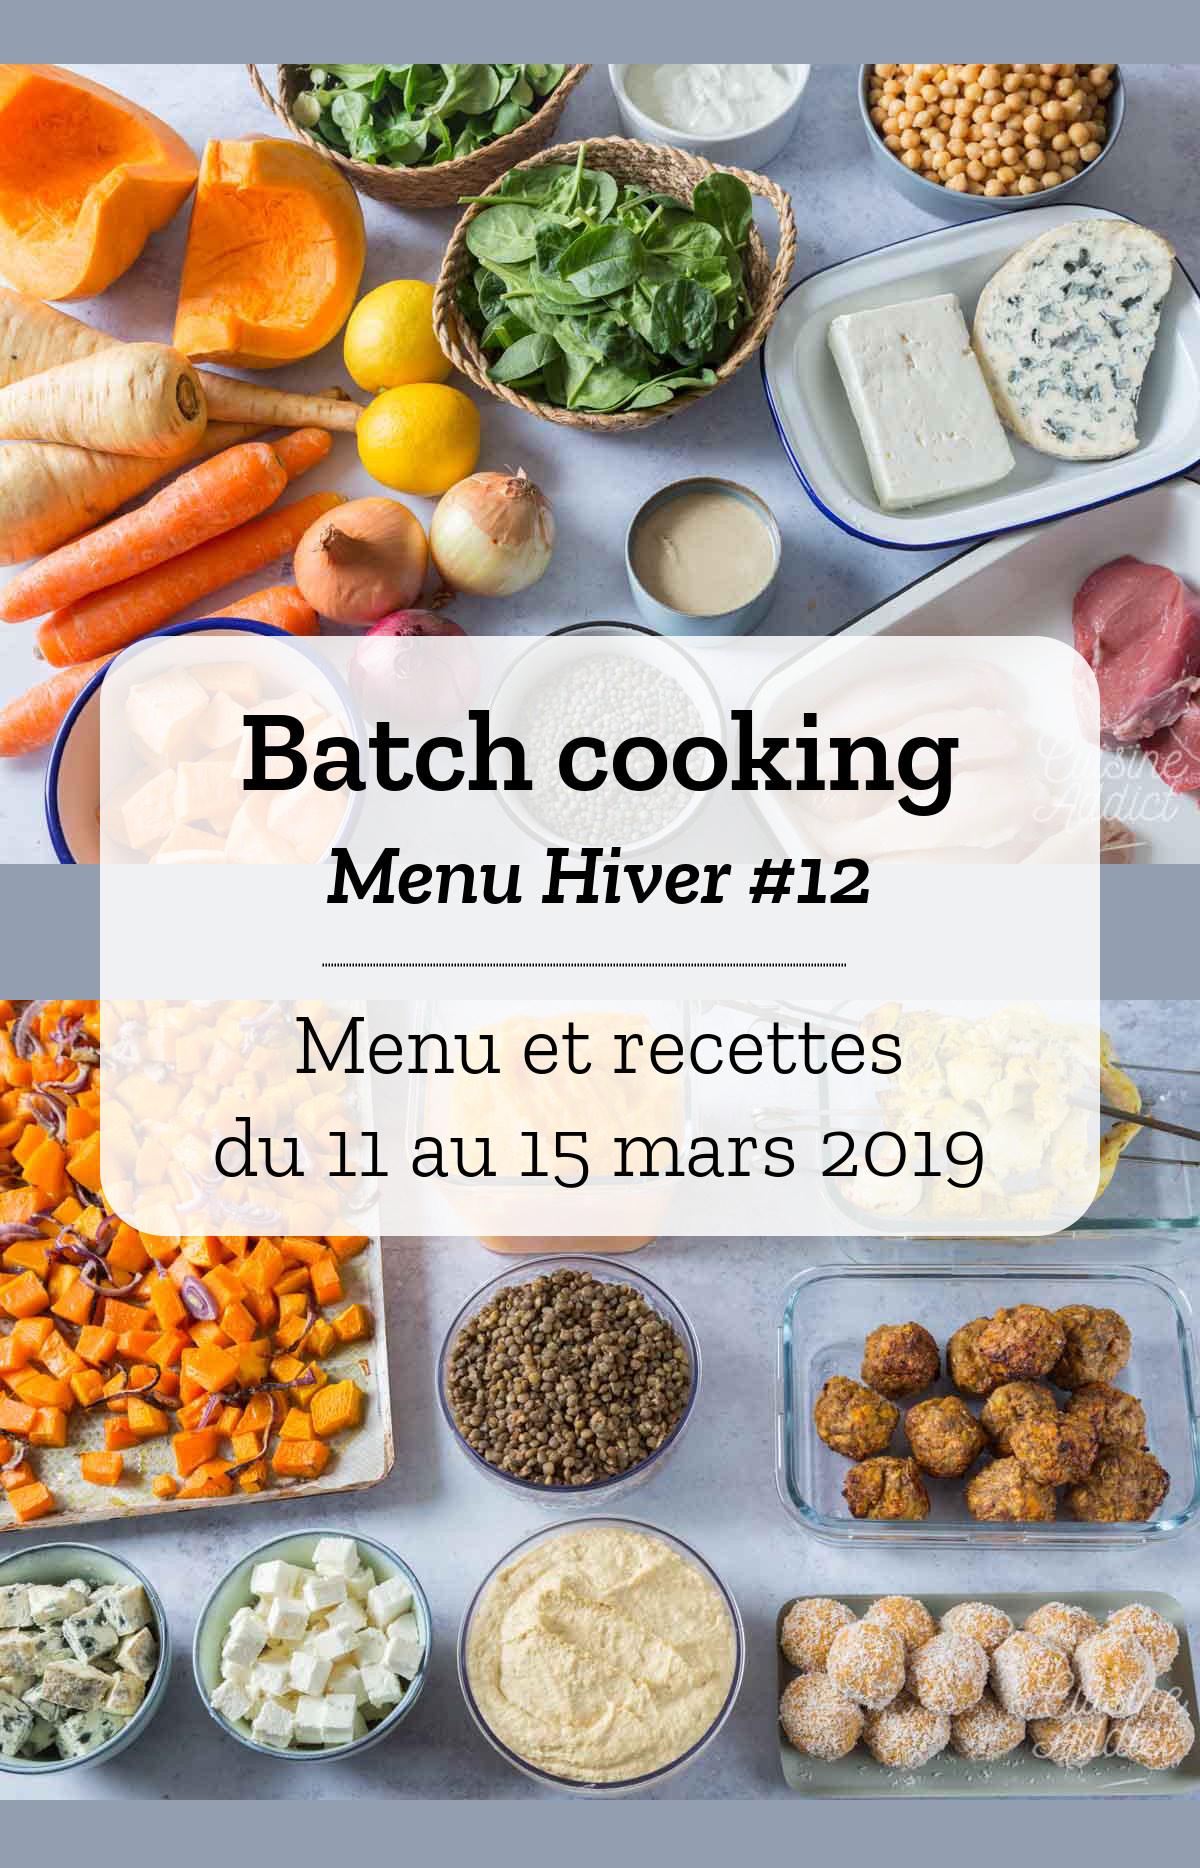 Batch cooking Hiver #12 – Semaine du 11 au 15 mars 2019